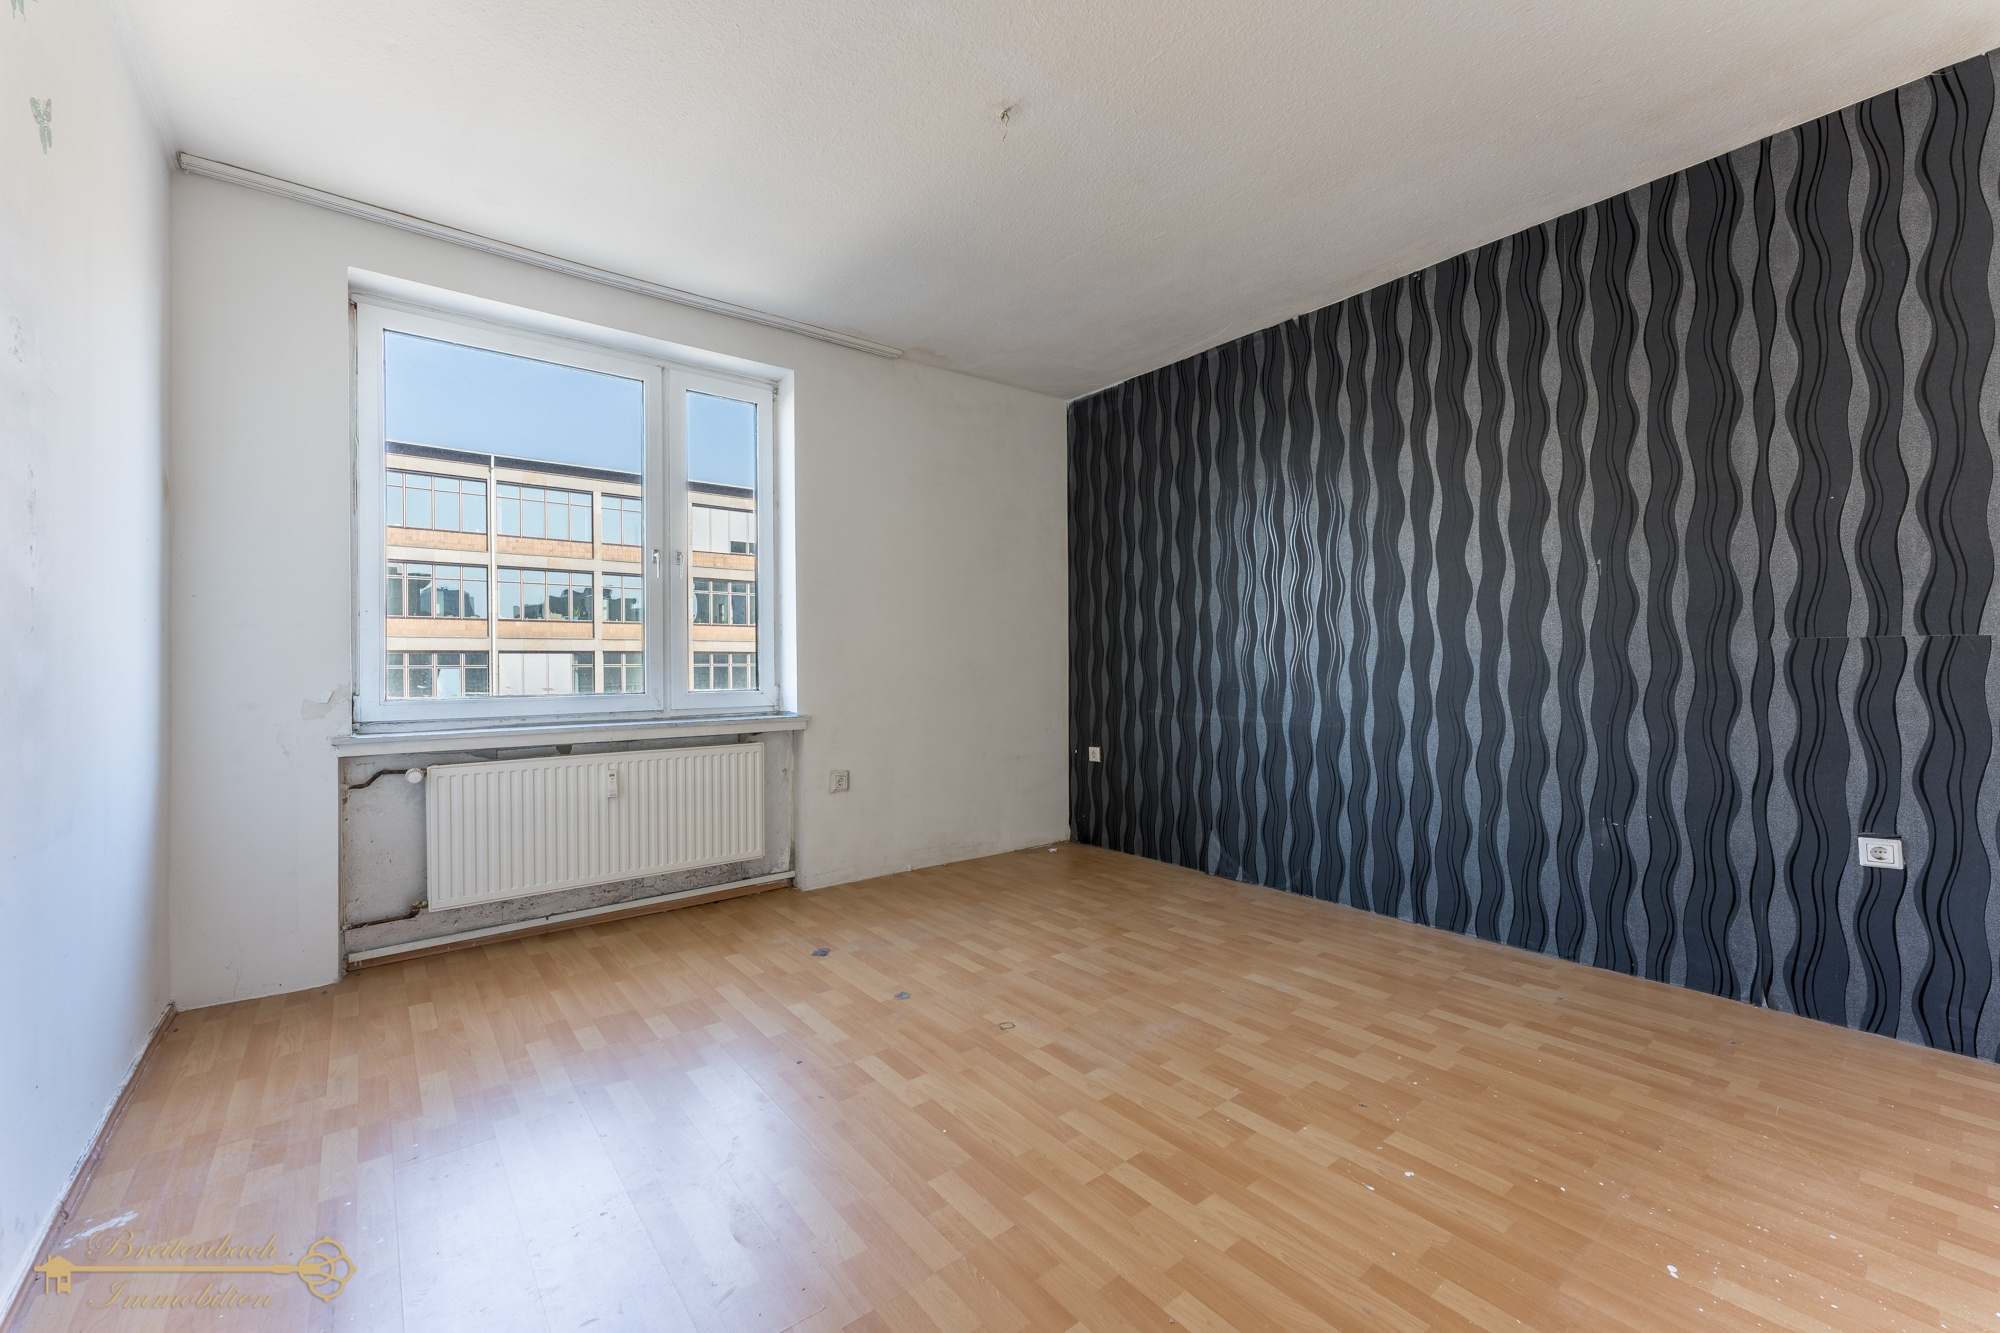 2021-03-25-Breitenbach-Immobilien-Makler-Bremen-2